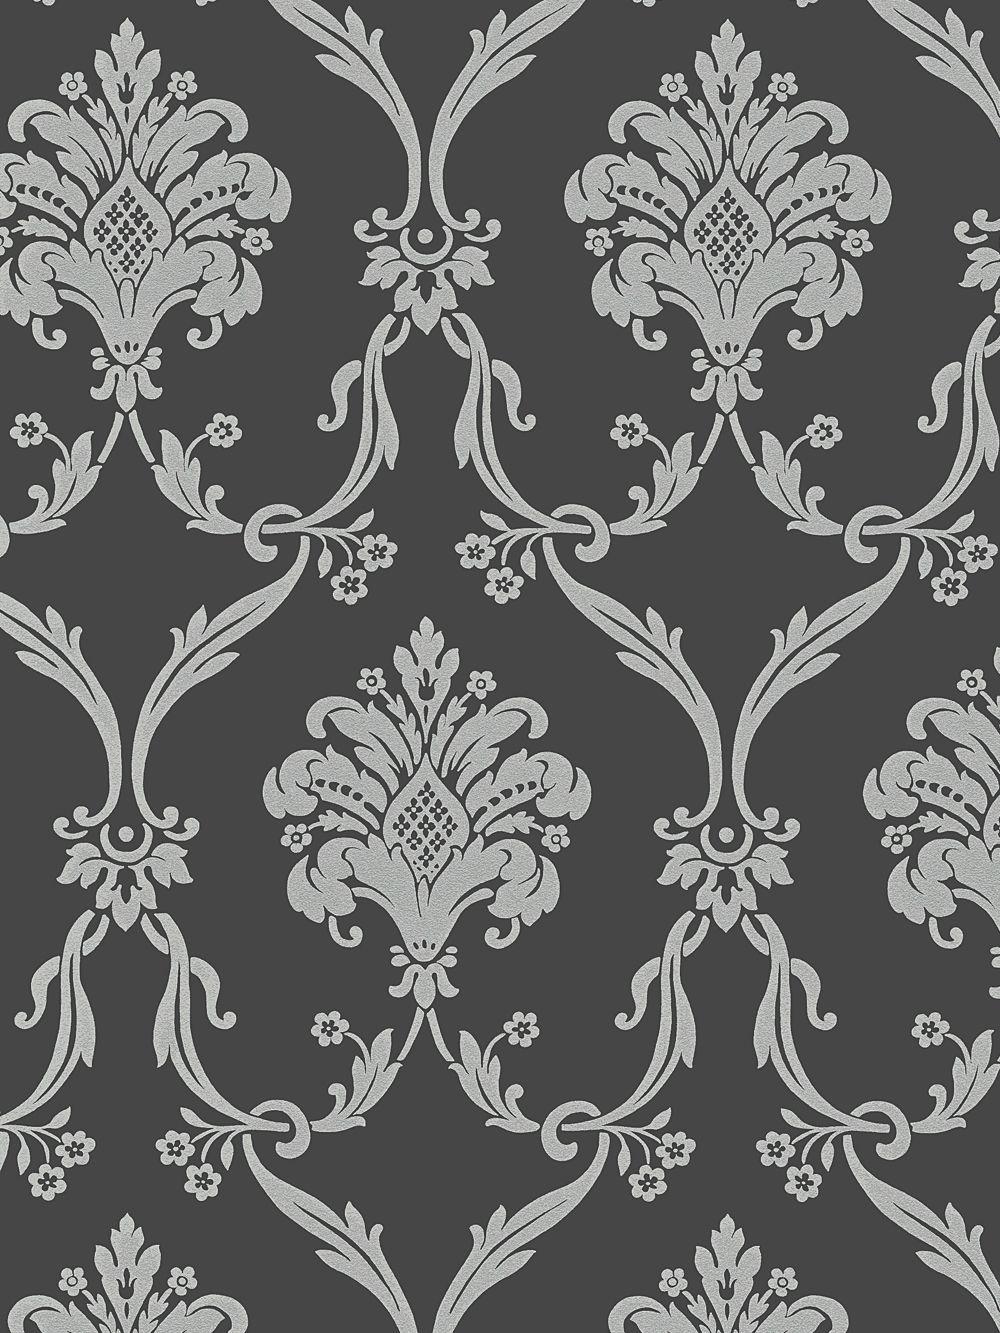 Silver on Dark Gray Victorian Damask Wallpaper dining